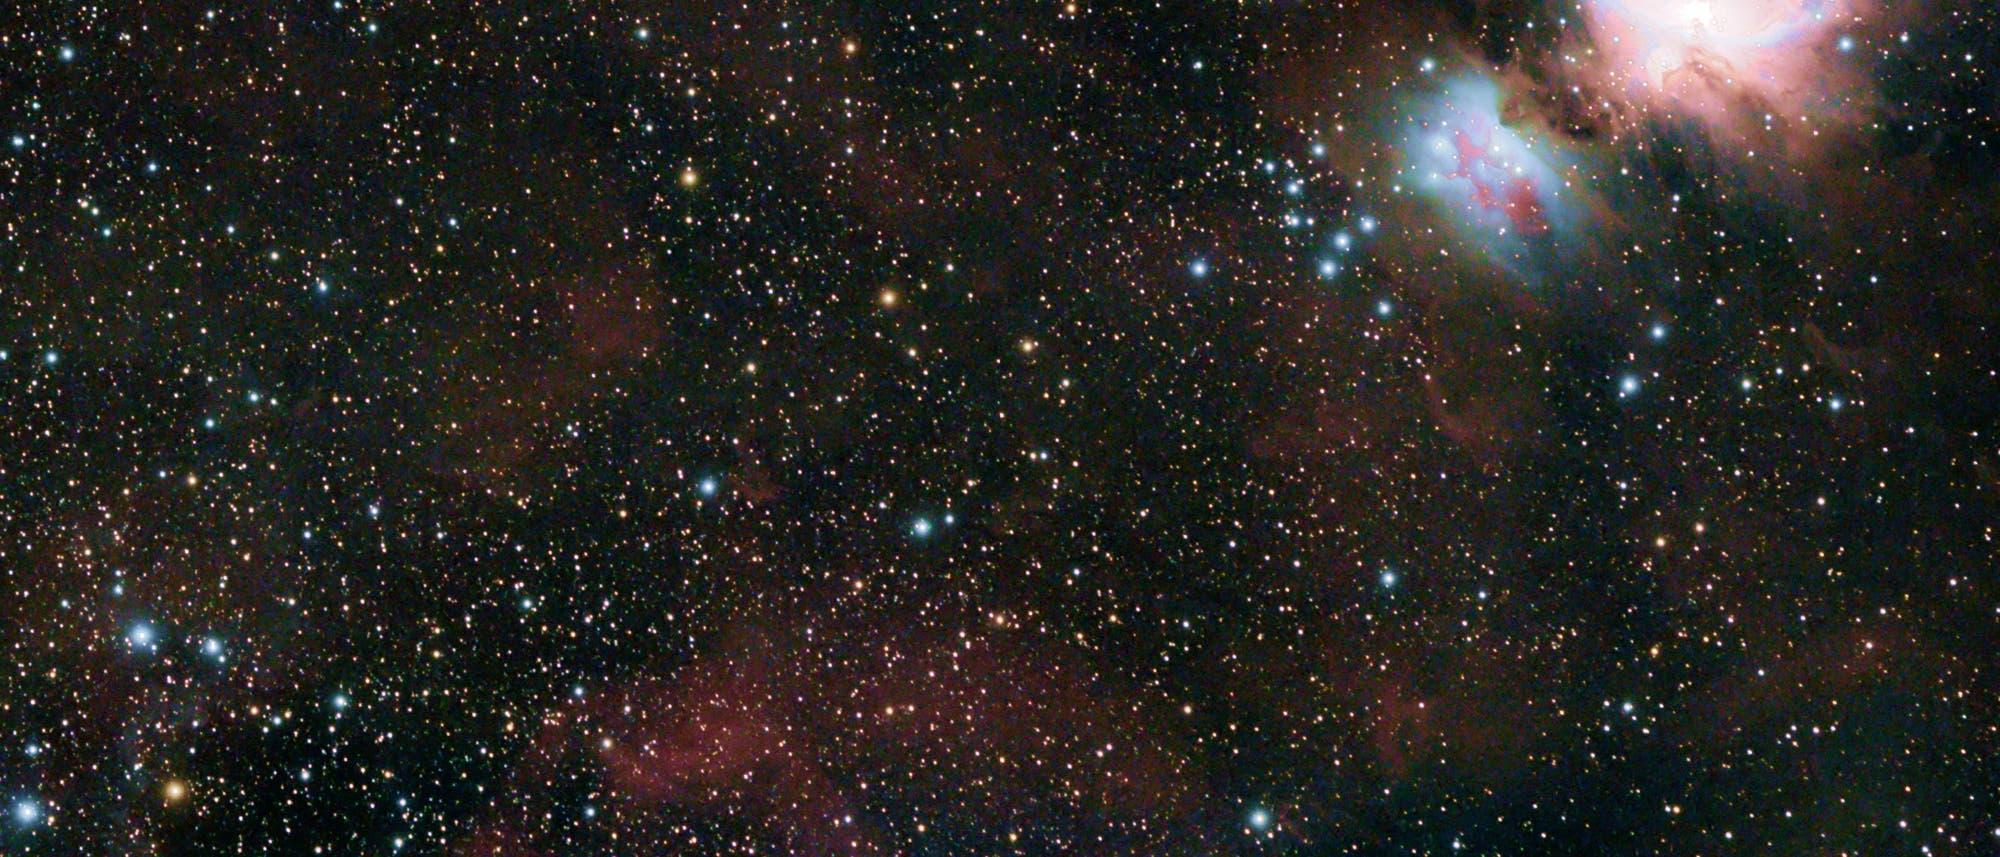 Orionkomplex mit Komet Atlas